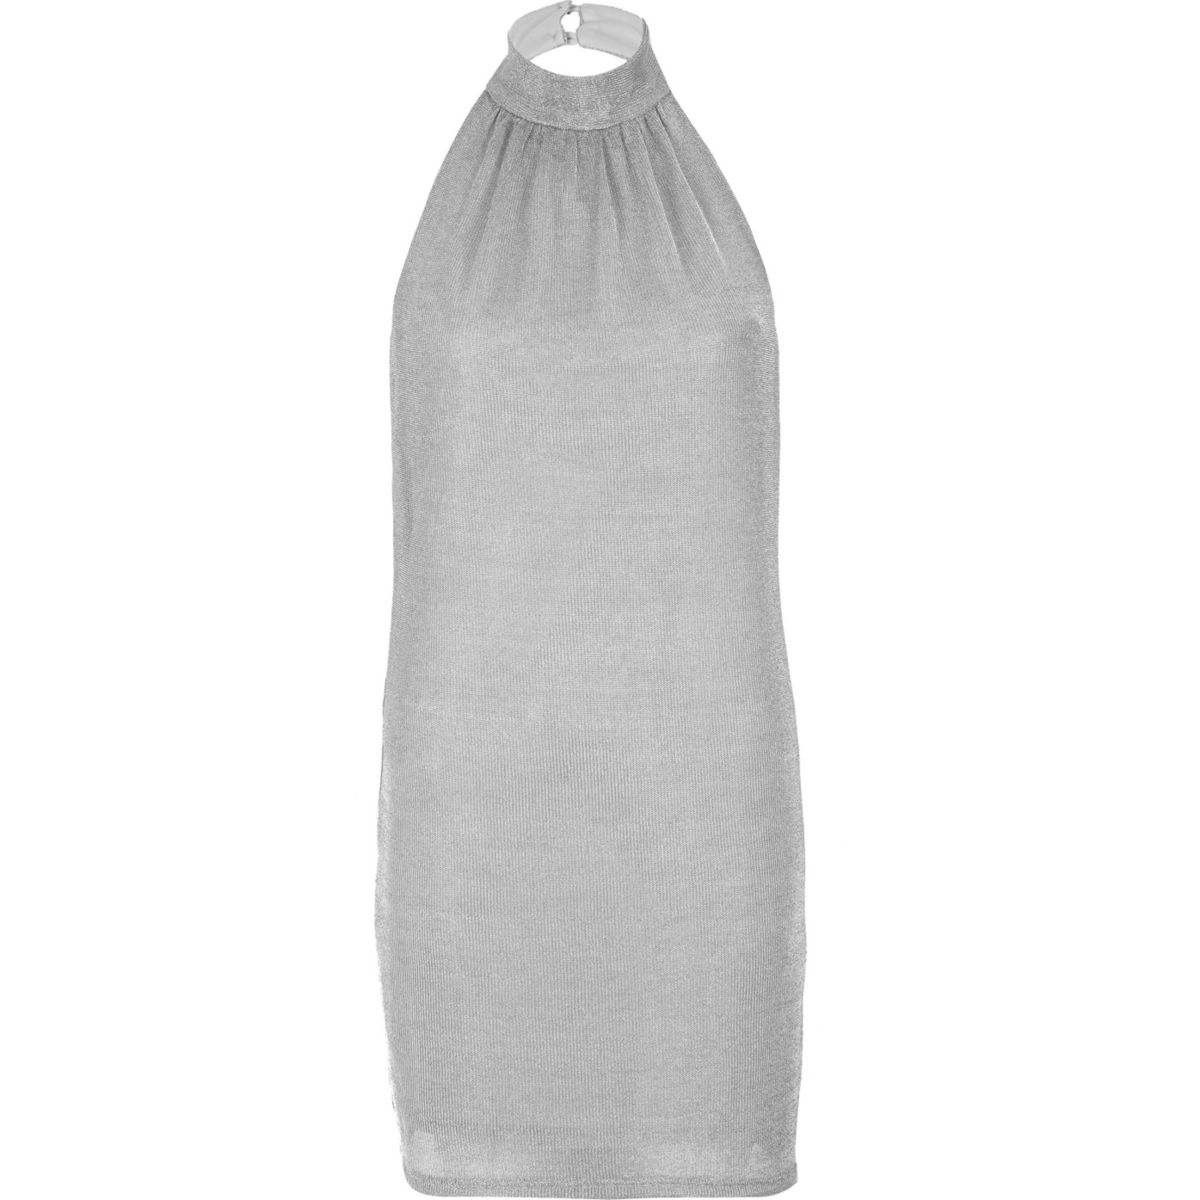 Silbernes Neckholder-Minikleid